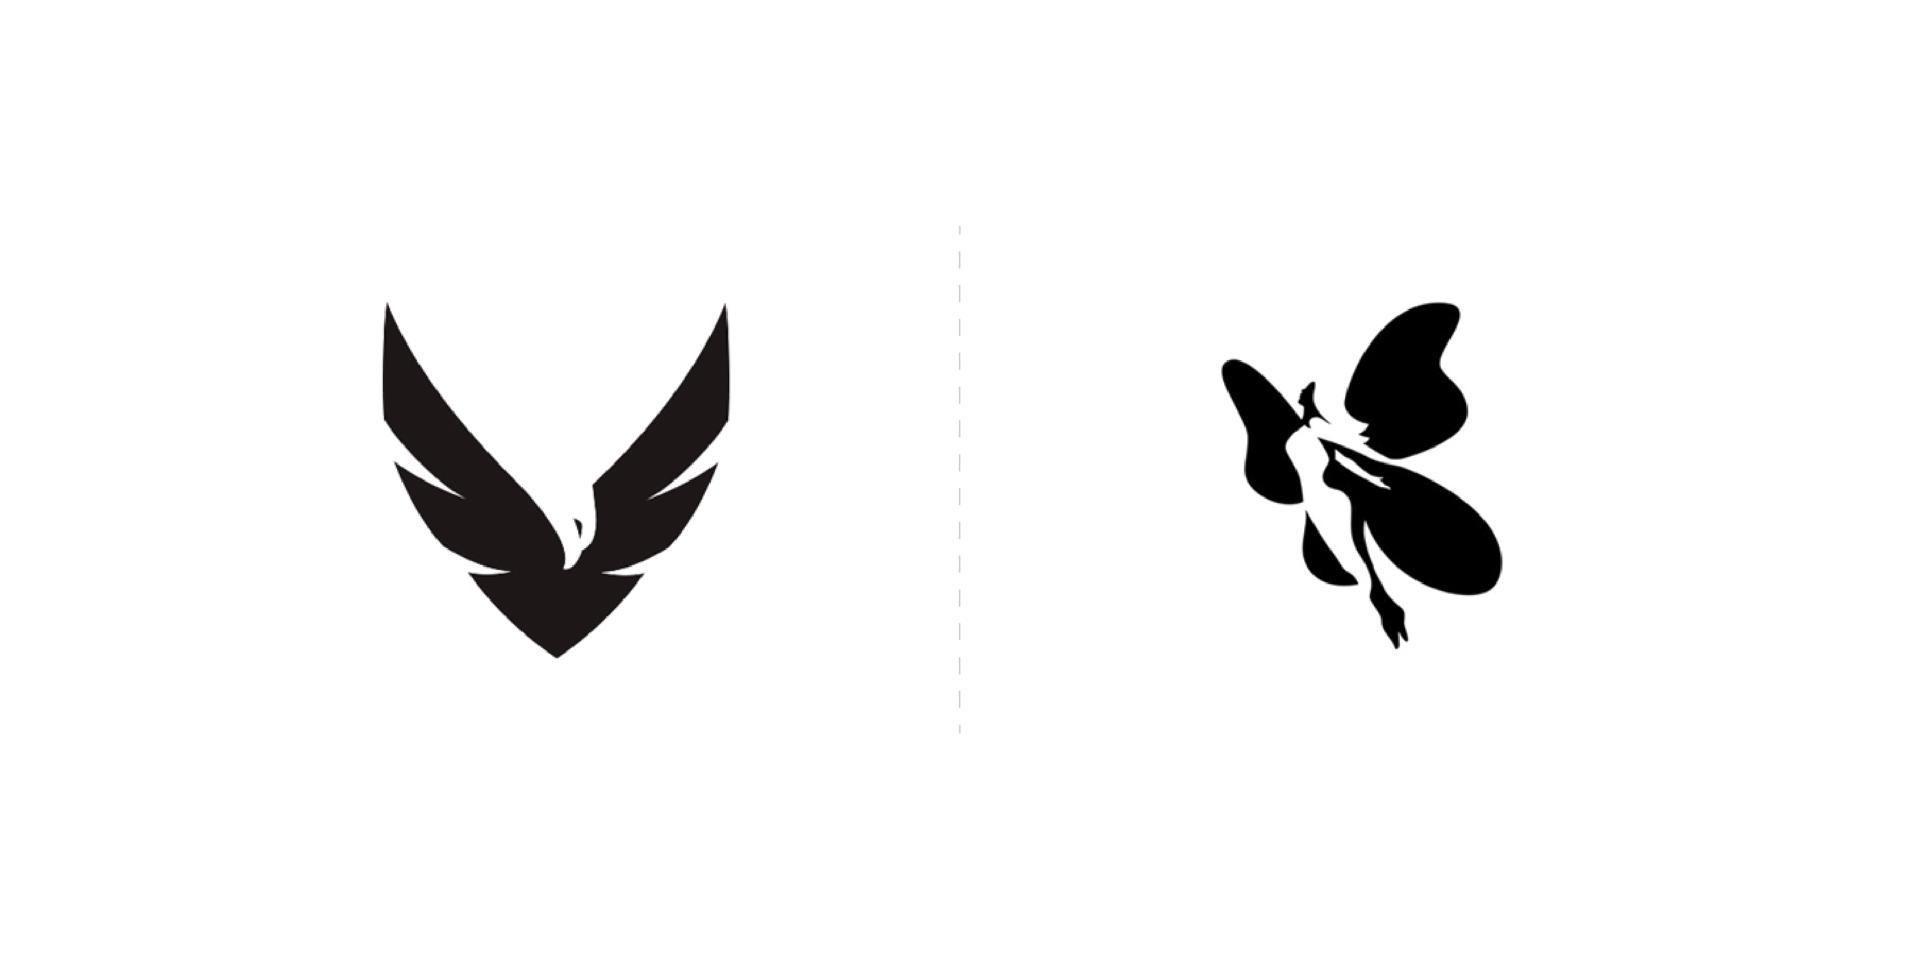 Hermoso diseños minimalistas de logotipo creados con espacios negativos